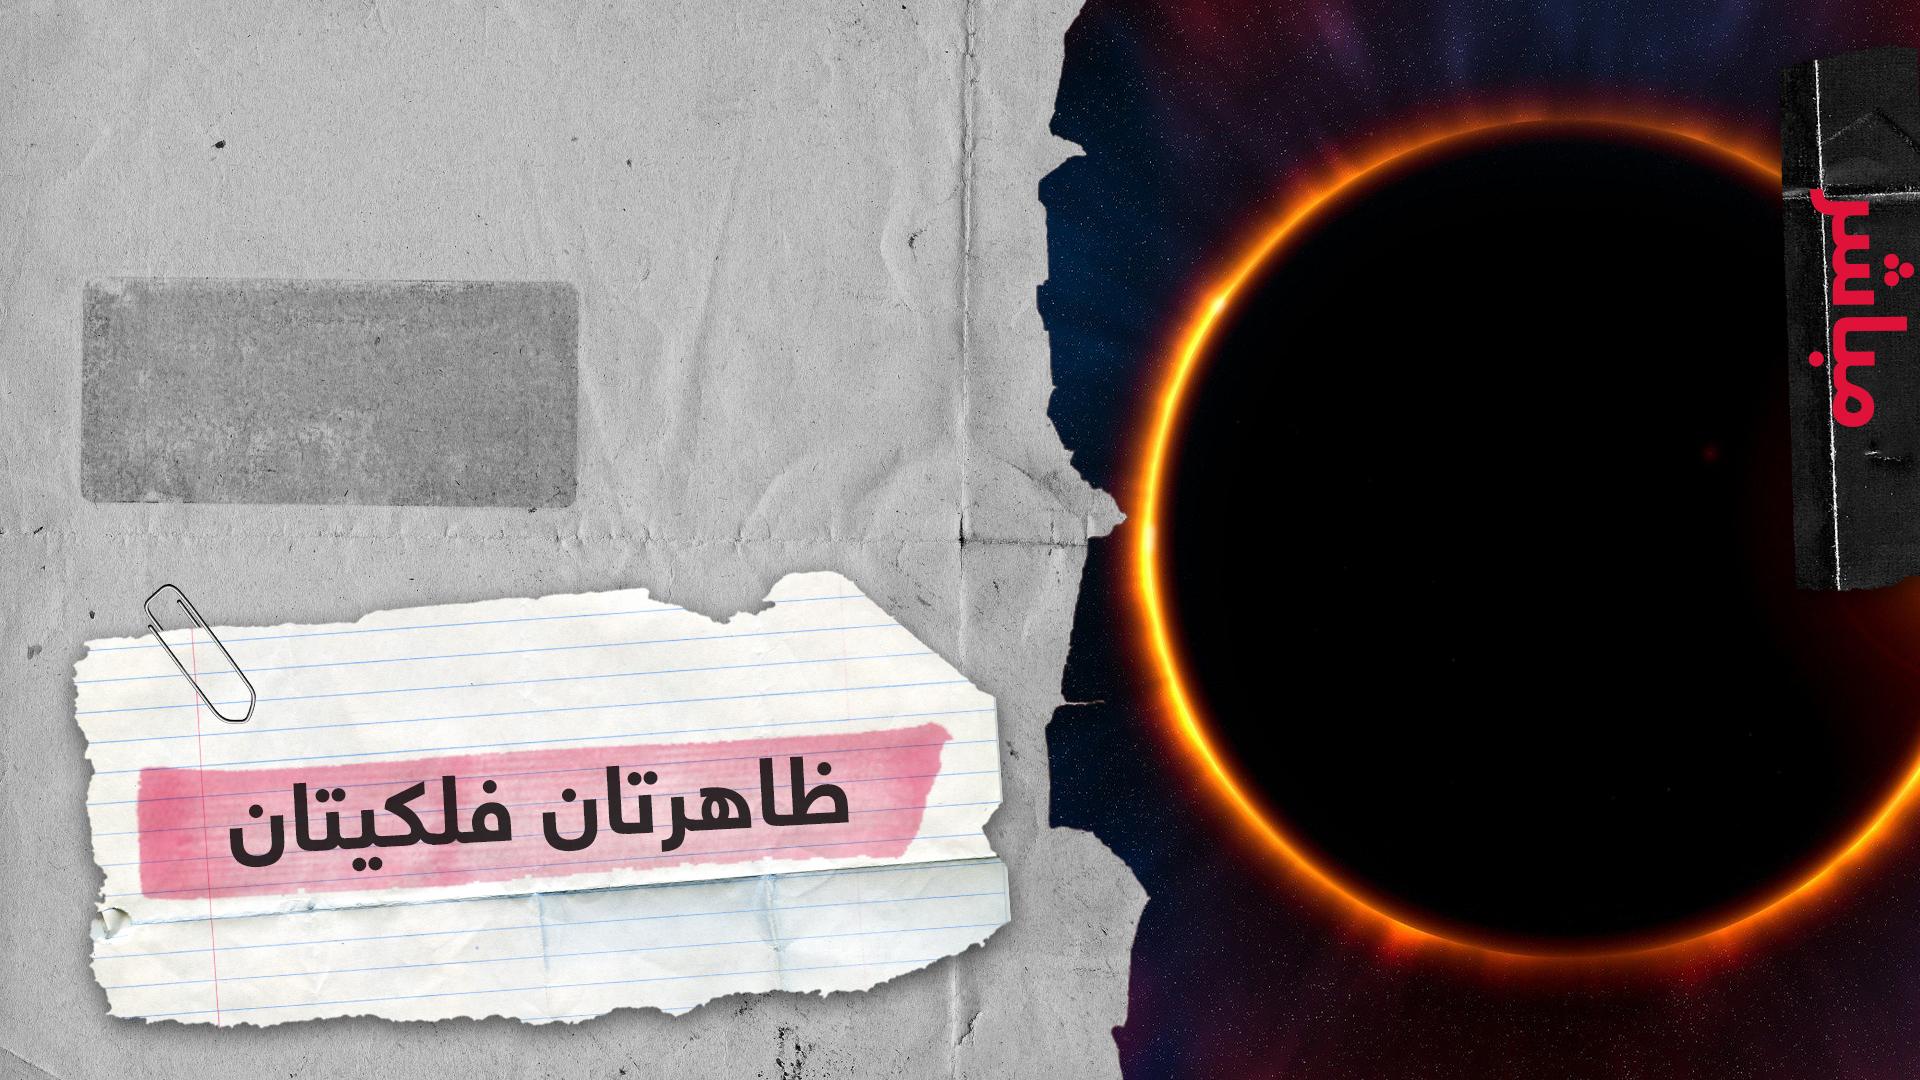 ظاهرتان فلكيتان في يوم واحد ودول عربية تشهد